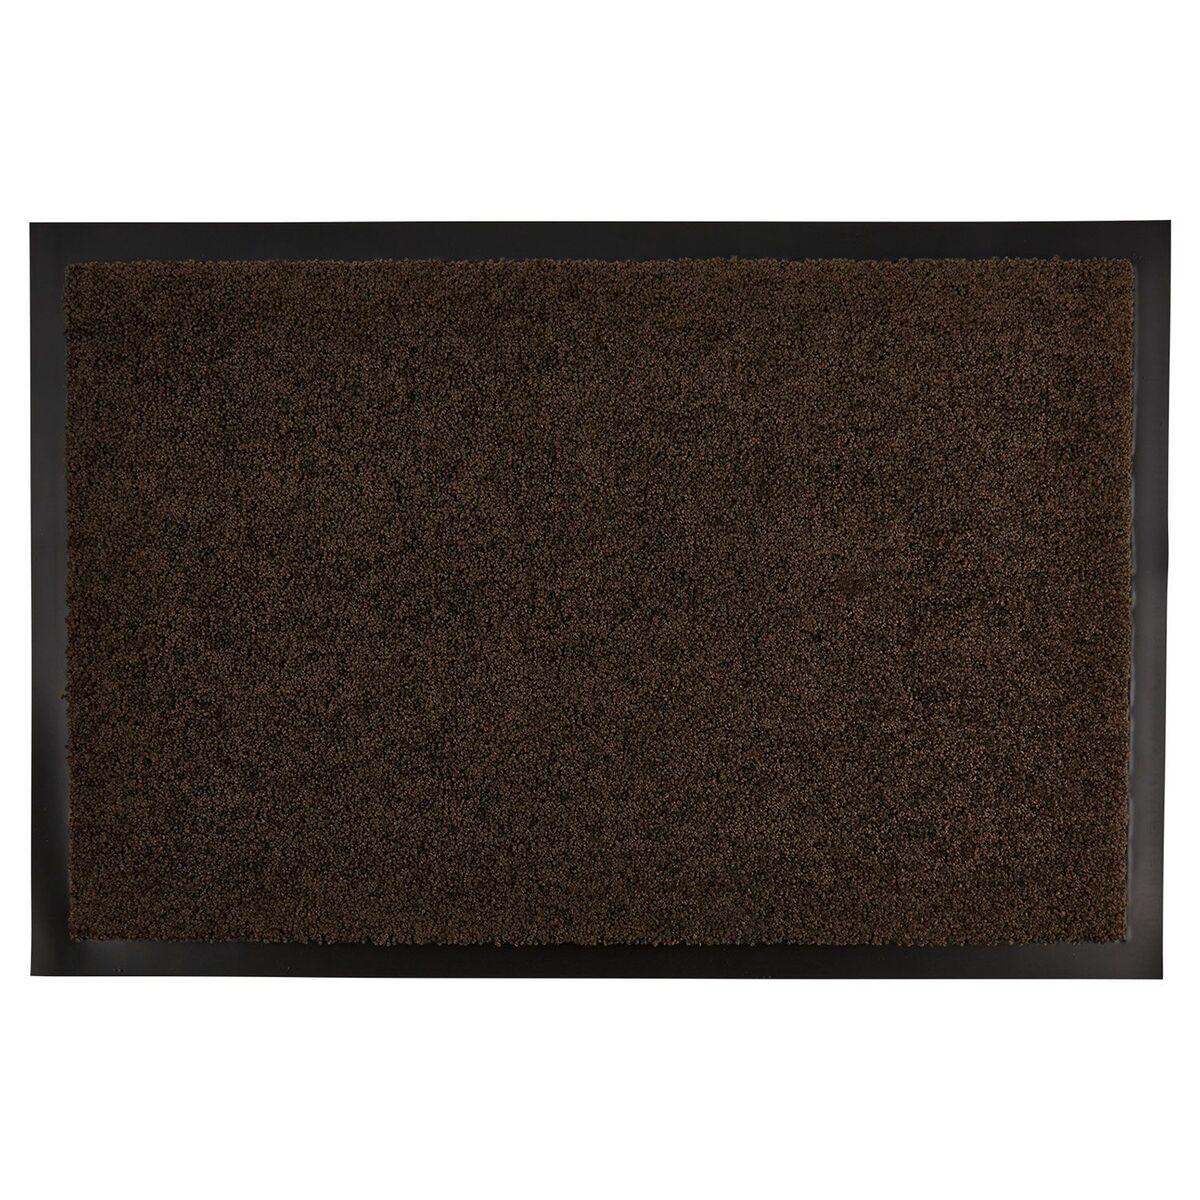 Bild 2 von TUKAN Schmutzfangmatte, 50 x 75 cm